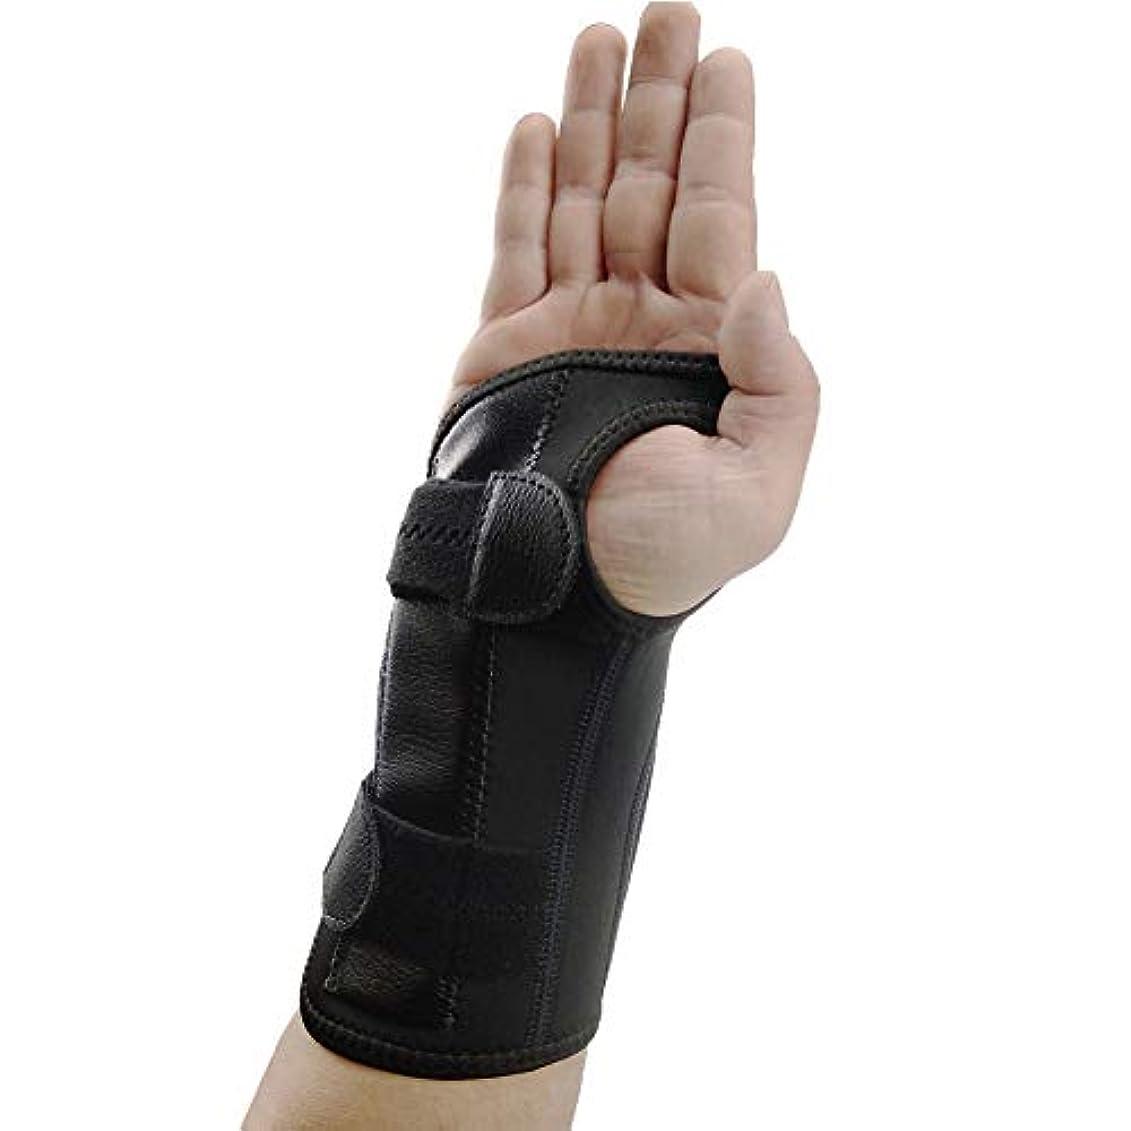 テキスト再現するシュート腱炎、関節炎、捻挫&破壊前腕サポートキャストのための手首の親指スプリント、スタビライザーのための親指のスプリントと手首ブレース